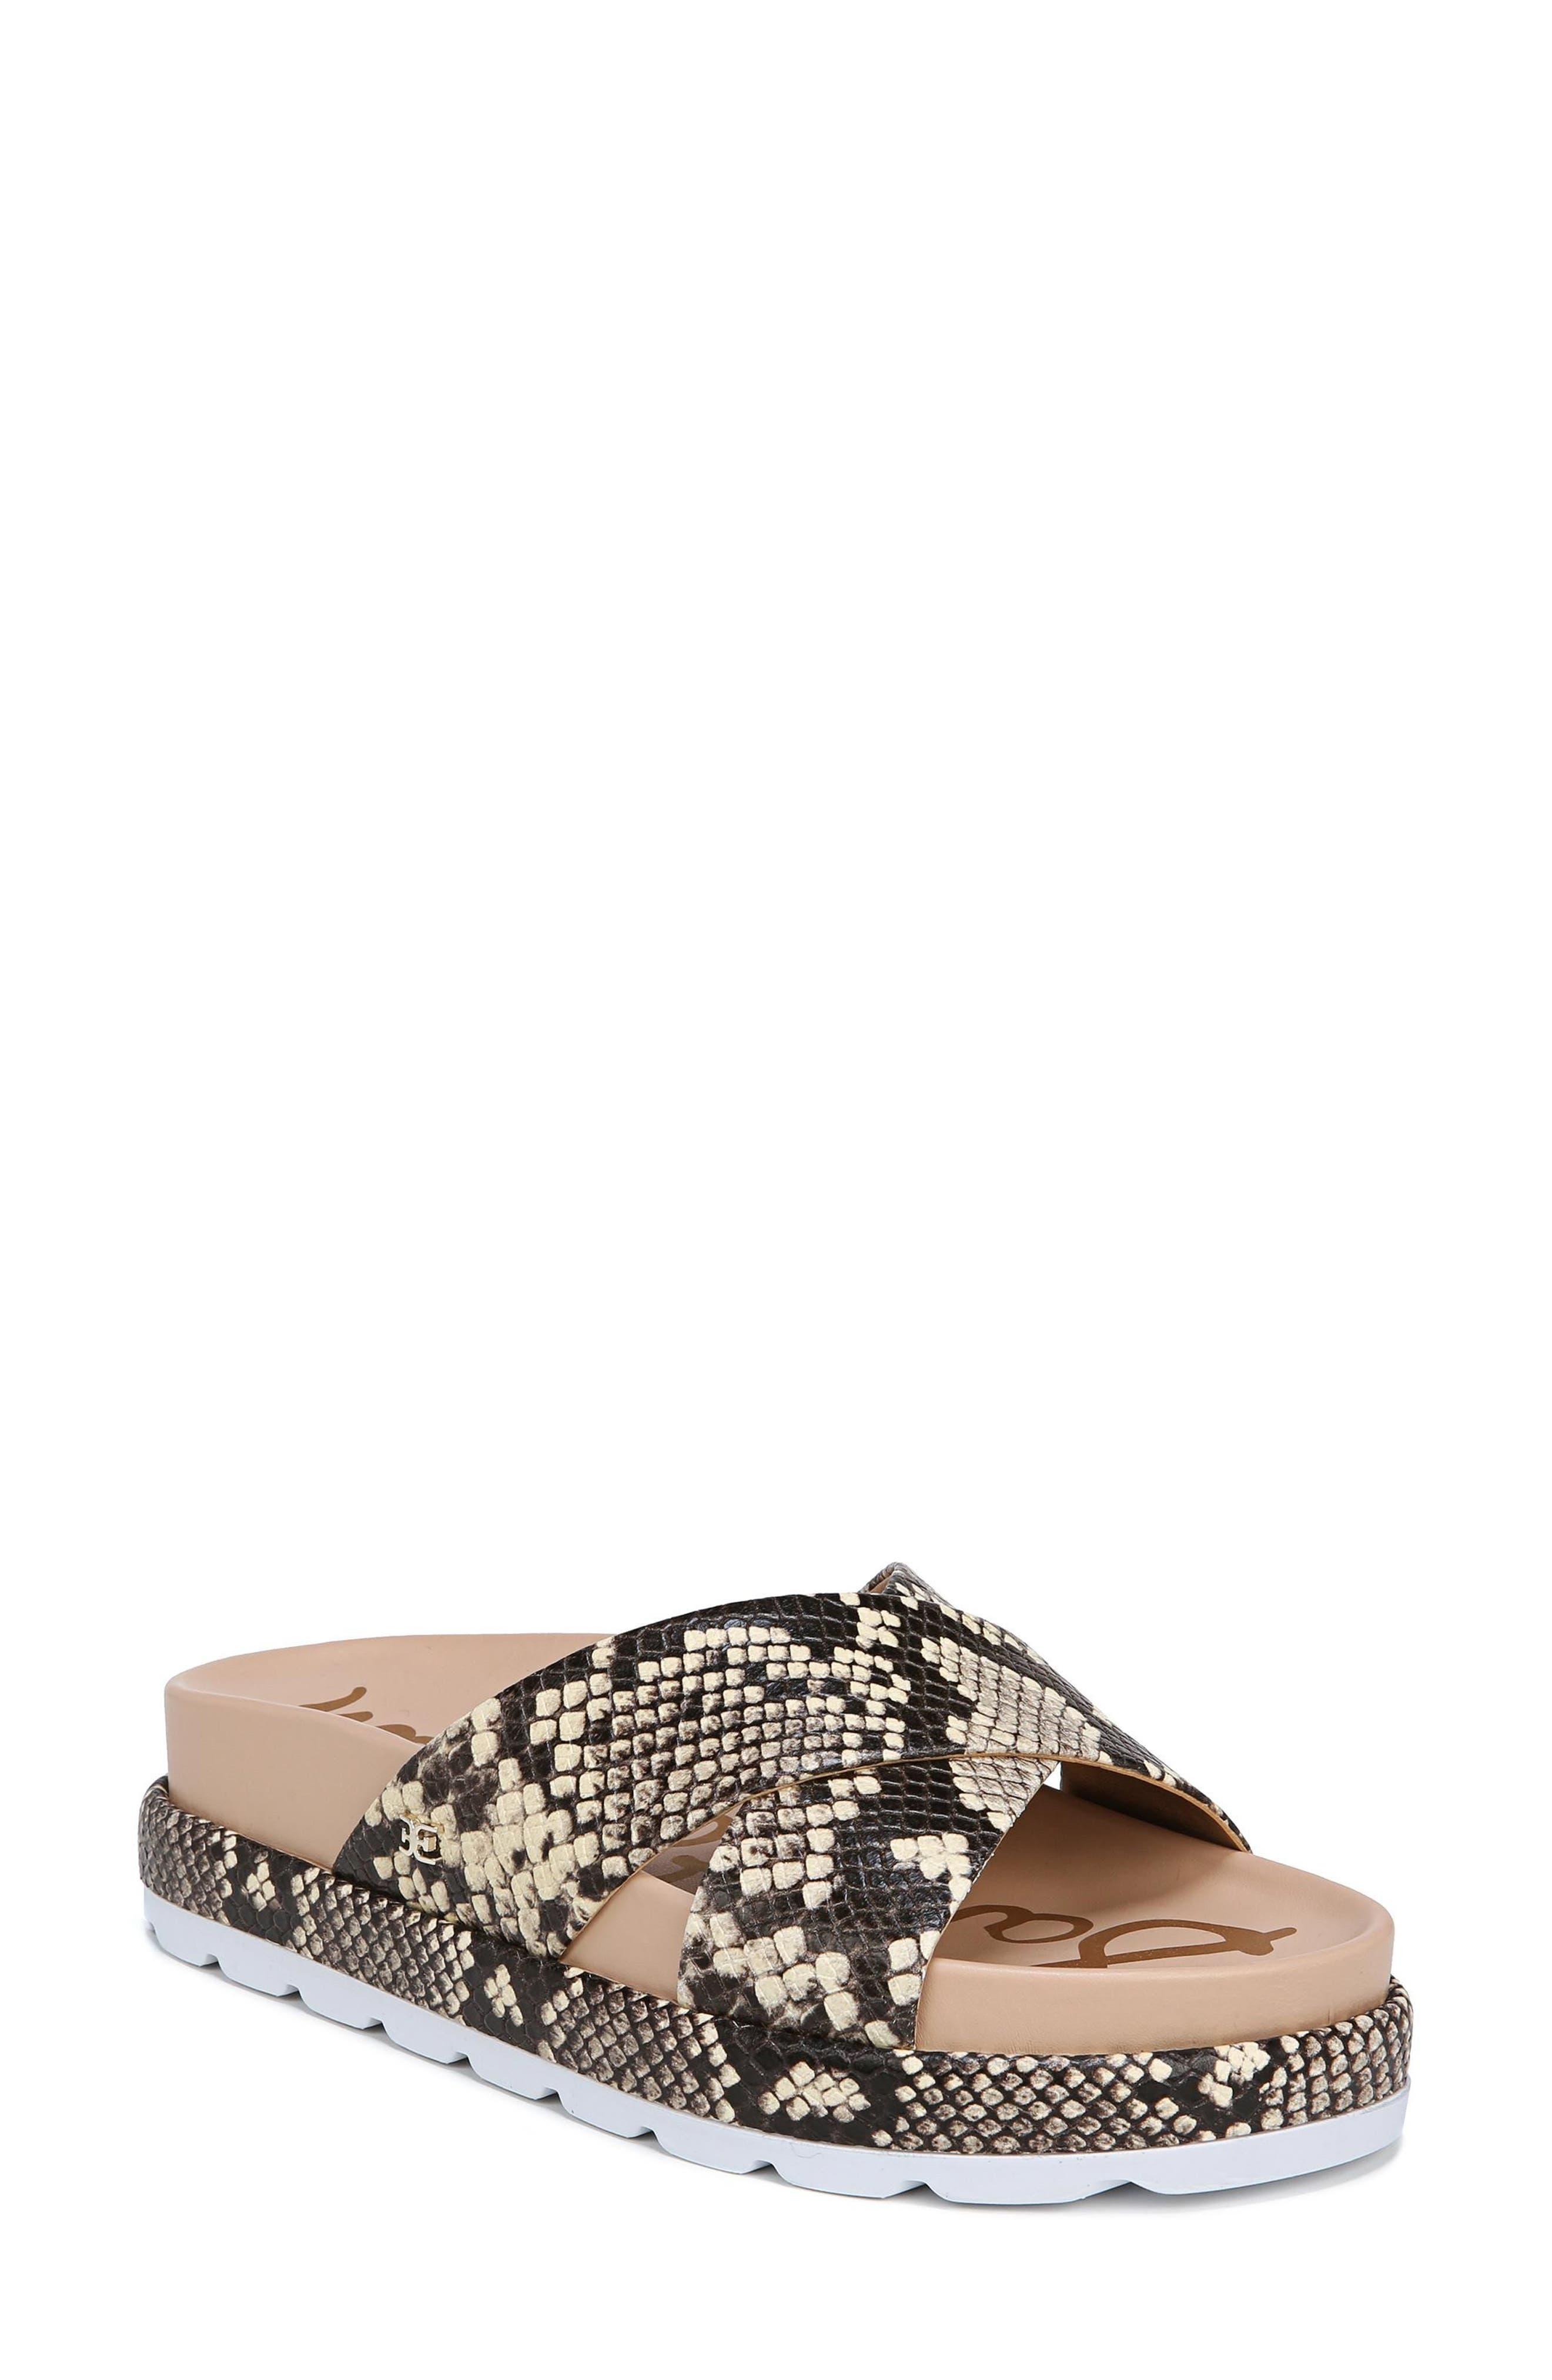 Sadia Slide Sandal,                         Main,                         color, NATURAL SNAKE PRINT LEATHER